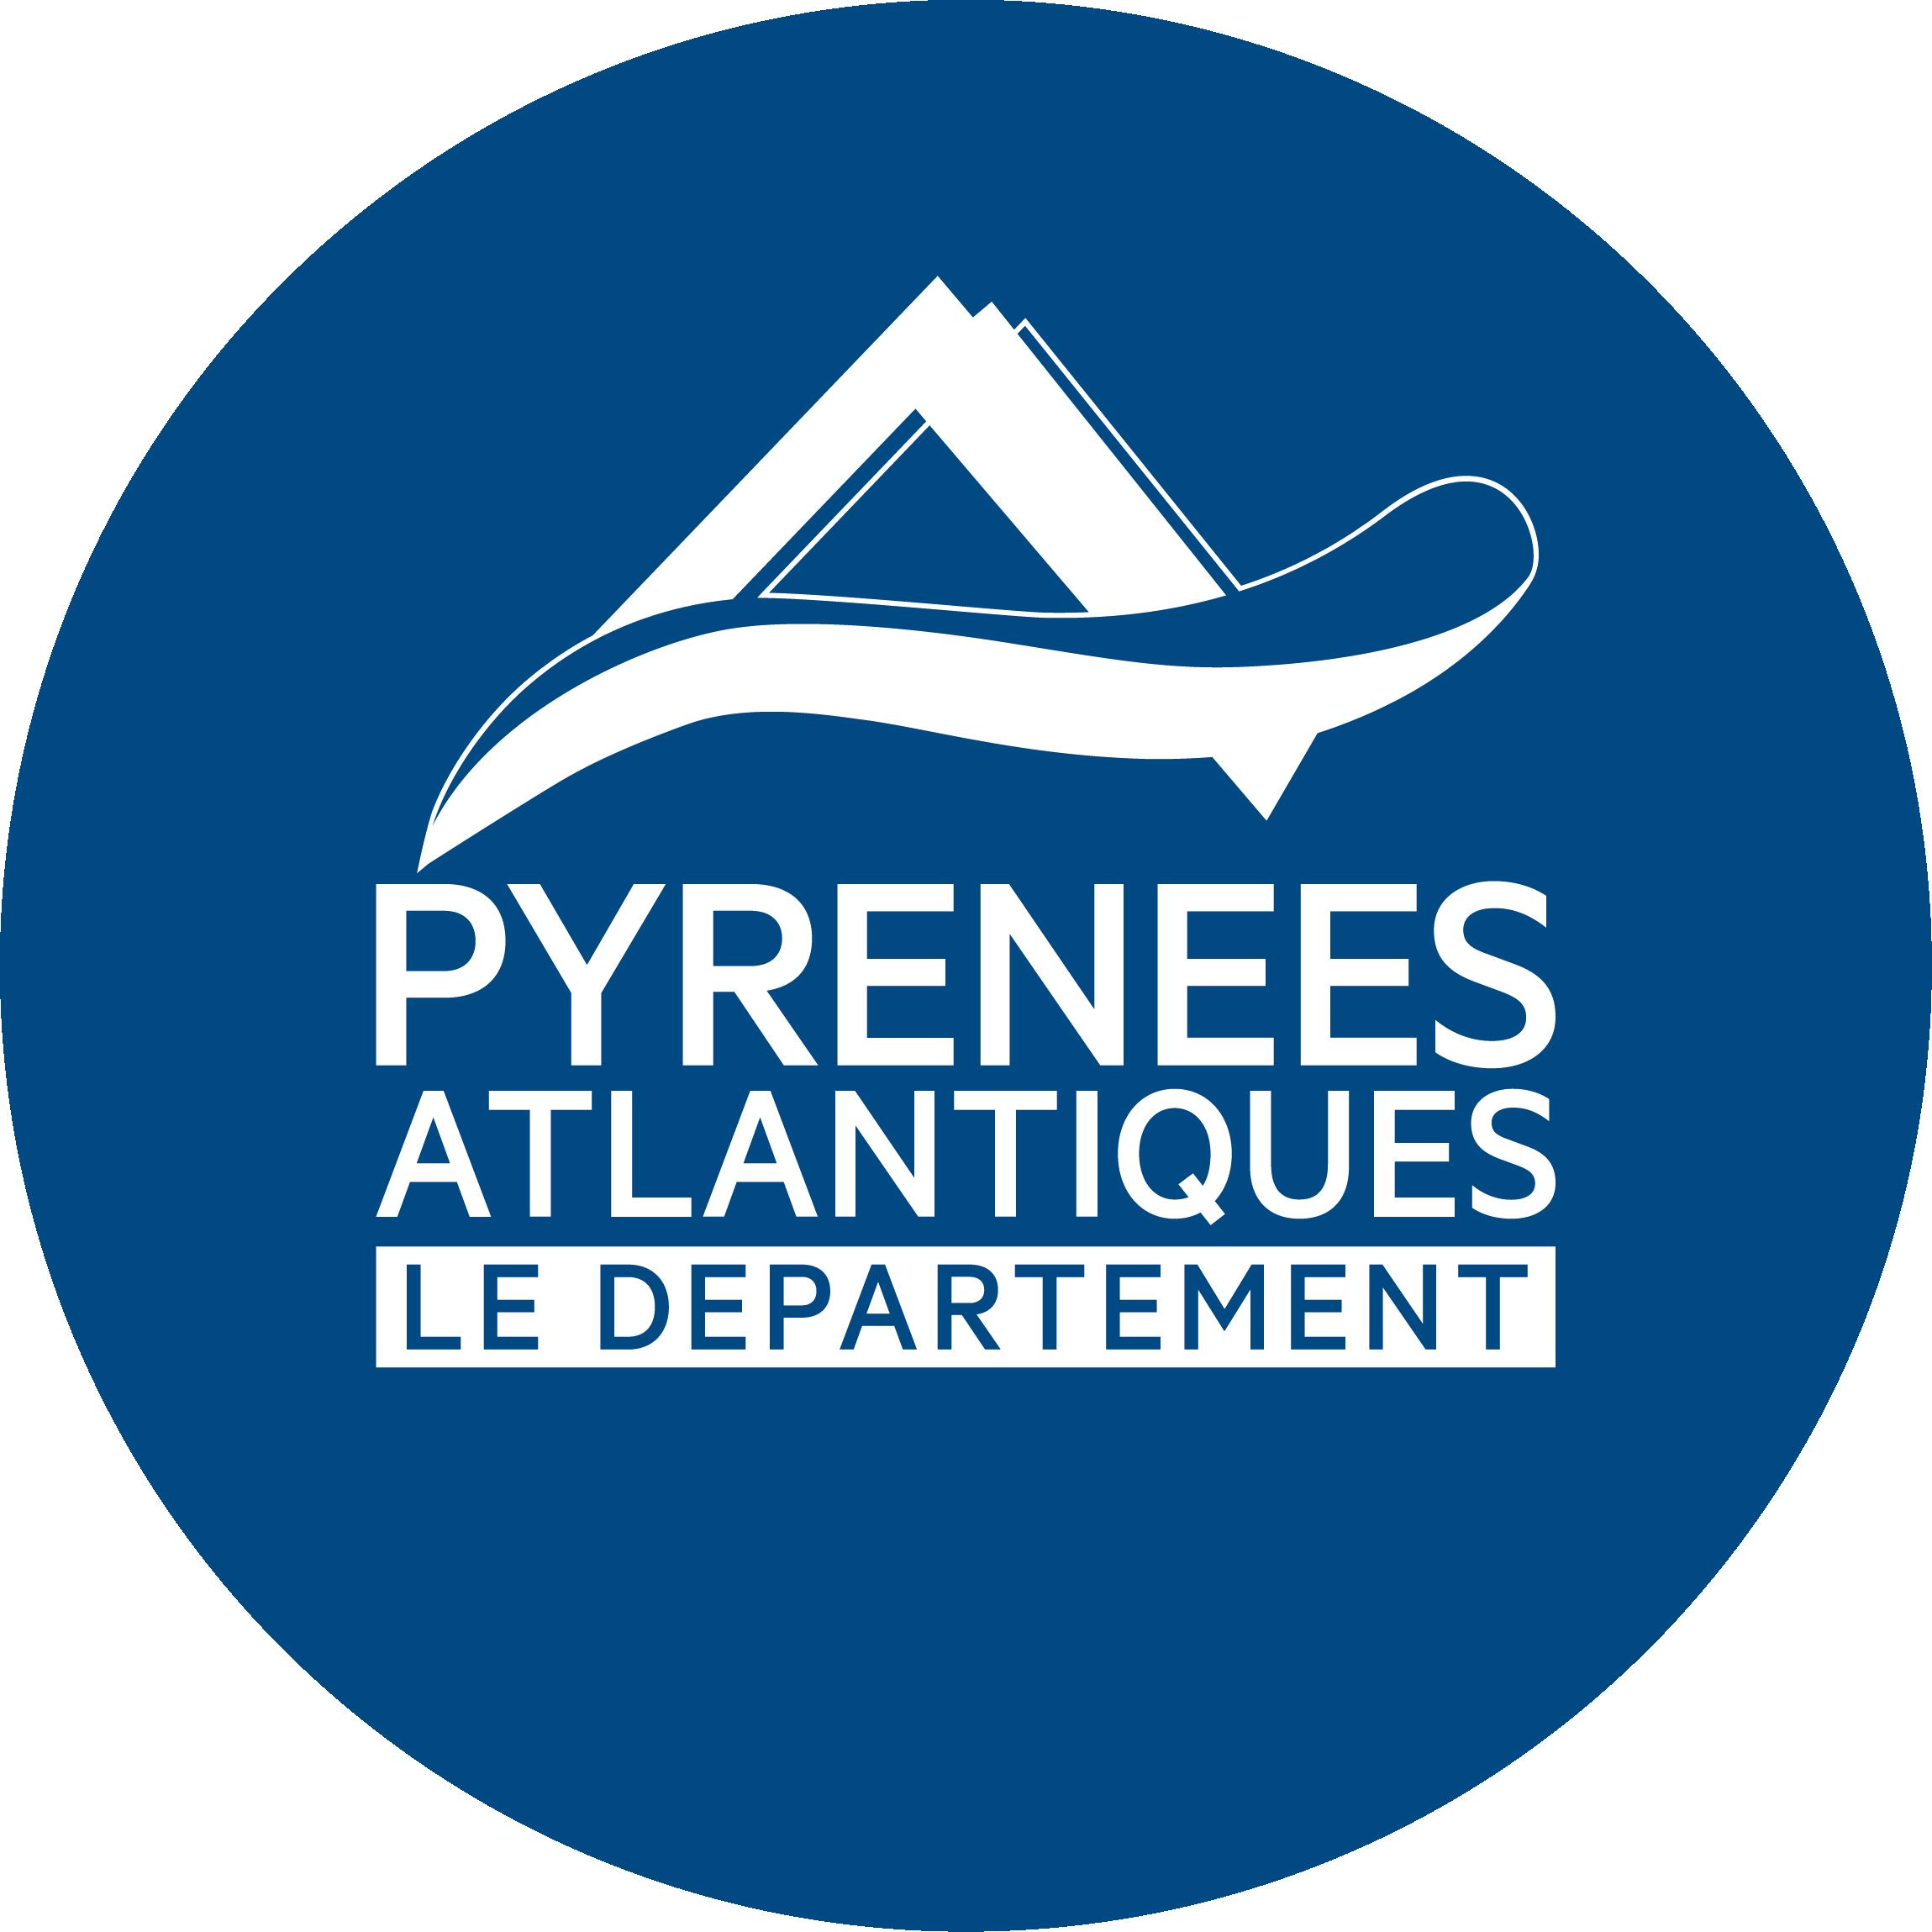 Département Pyrénées-Atlantiques